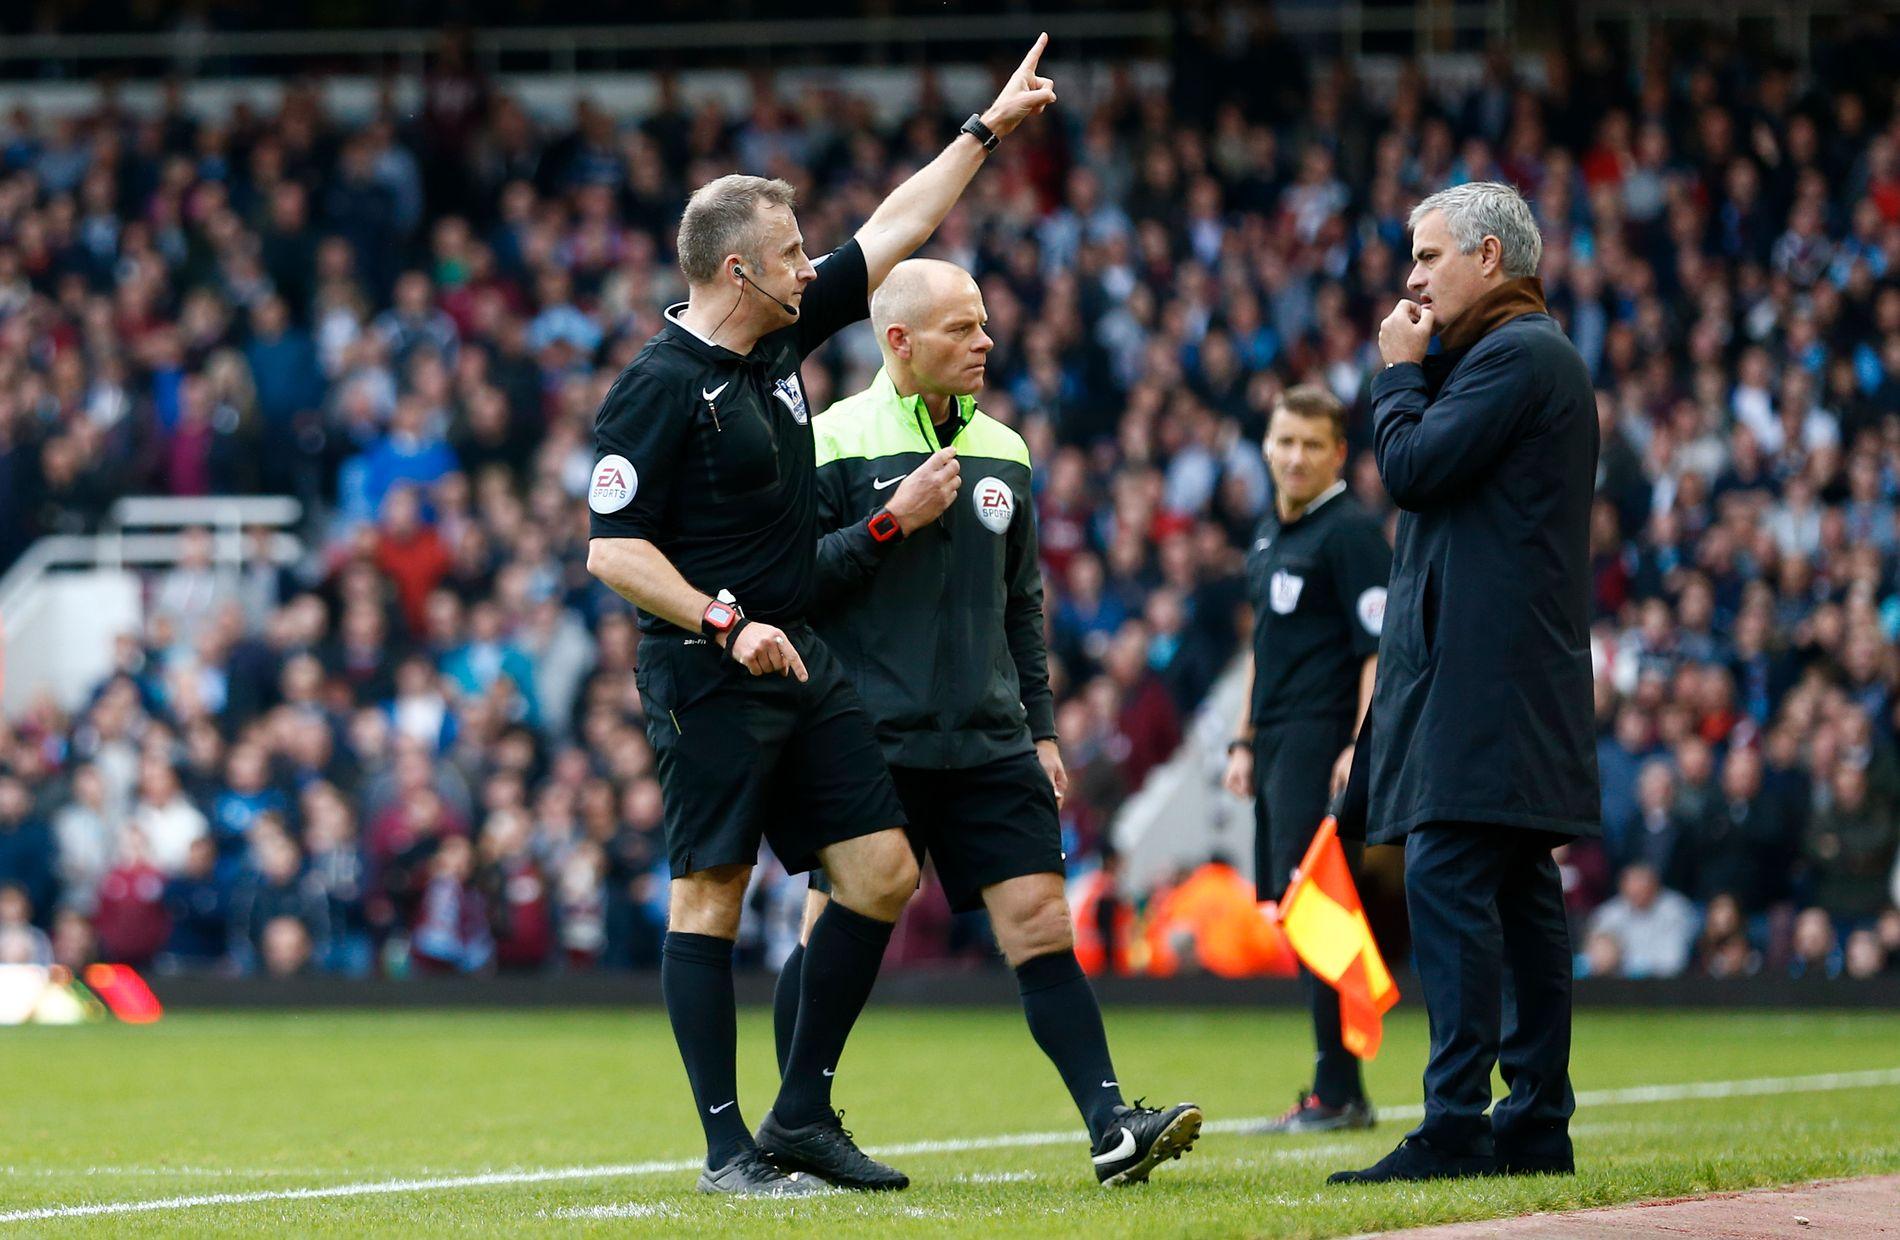 UT: José Mourinho har blitt sendt på tribunen flere ganger tidligere. Denne sesongen vil han få én kamps karantene om han mottar fire advarsler.